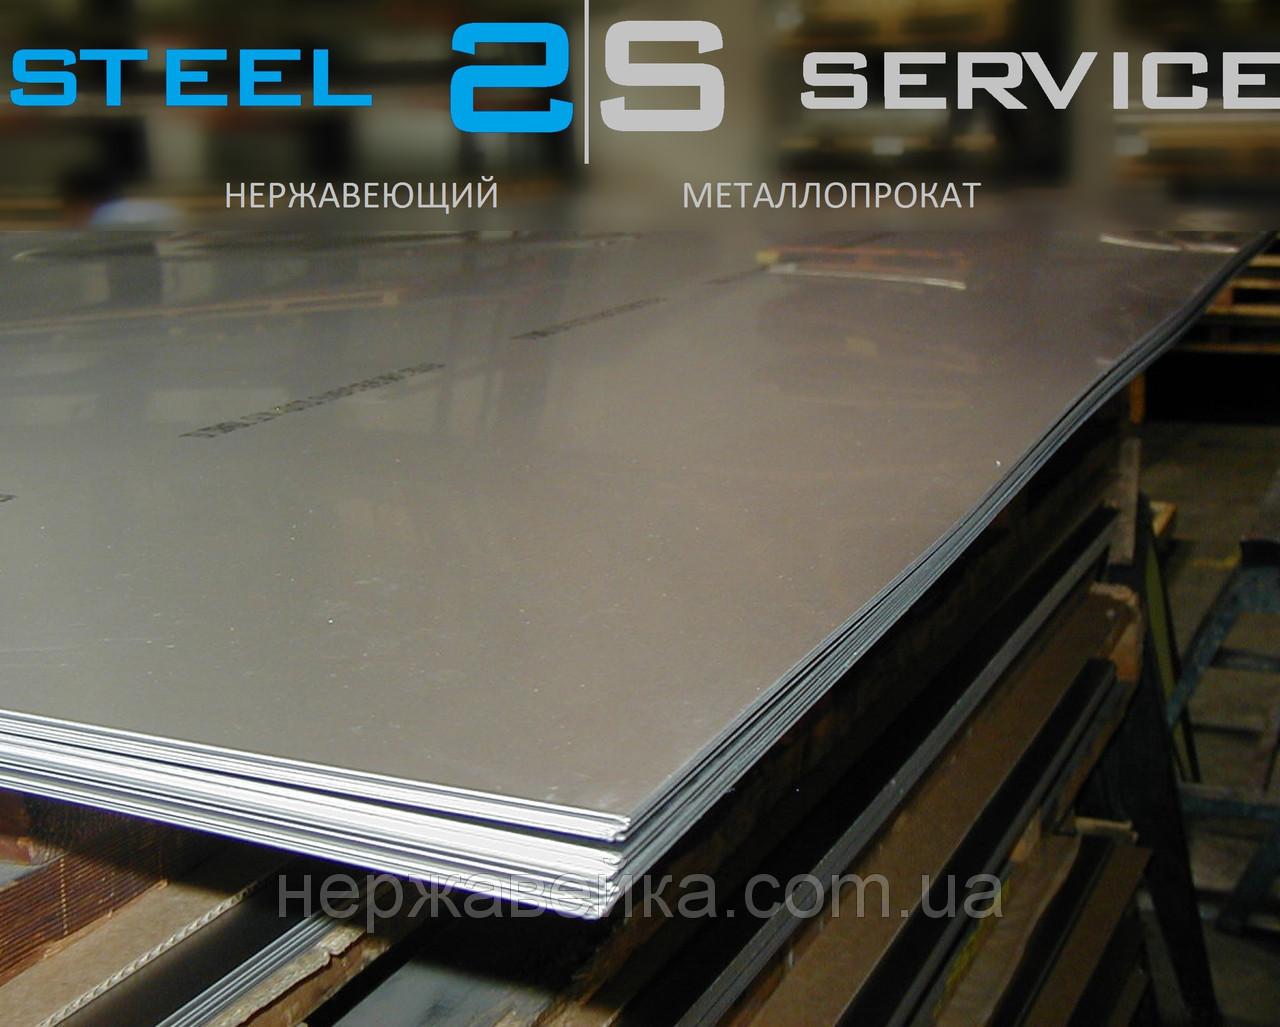 Нержавеющий лист 30х1000х2000мм  AISI 316Ti(10Х17Н13М2Т) F1 - горячекатанный,  кислотостойкий